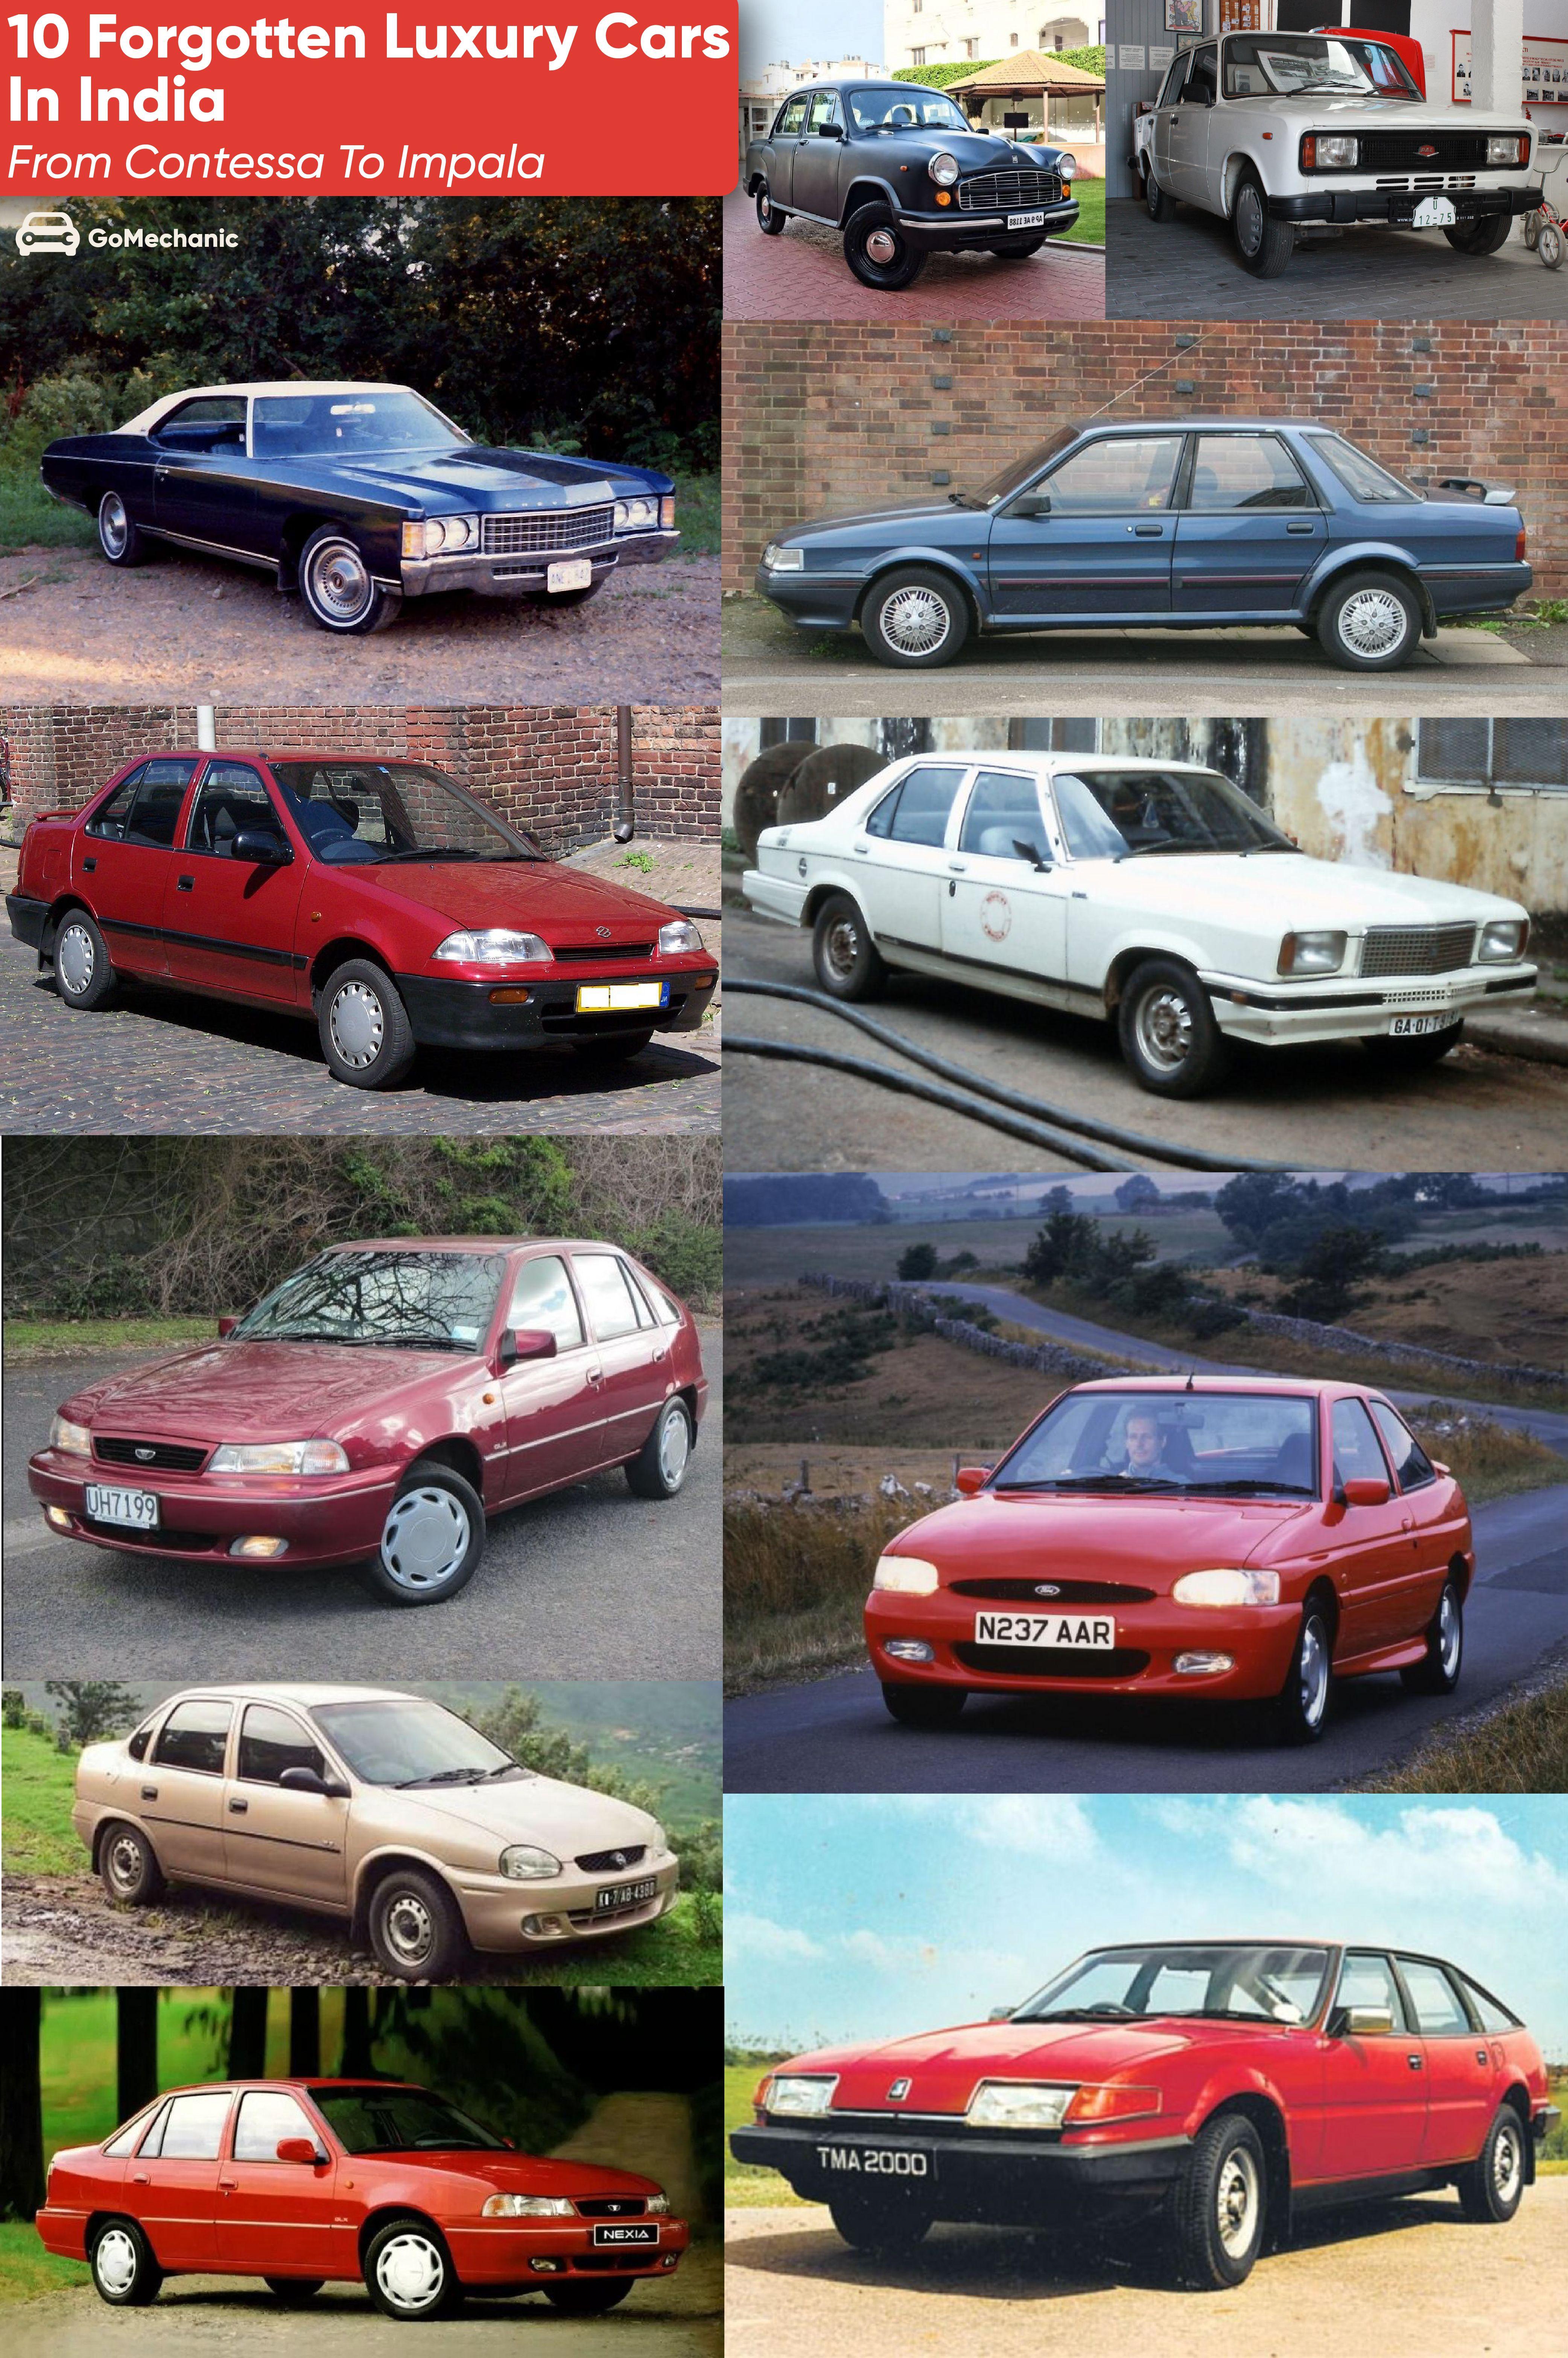 10 Forgotten Luxury Cars In India In 2020 Luxury Cars 10 Things Luxury Sedan